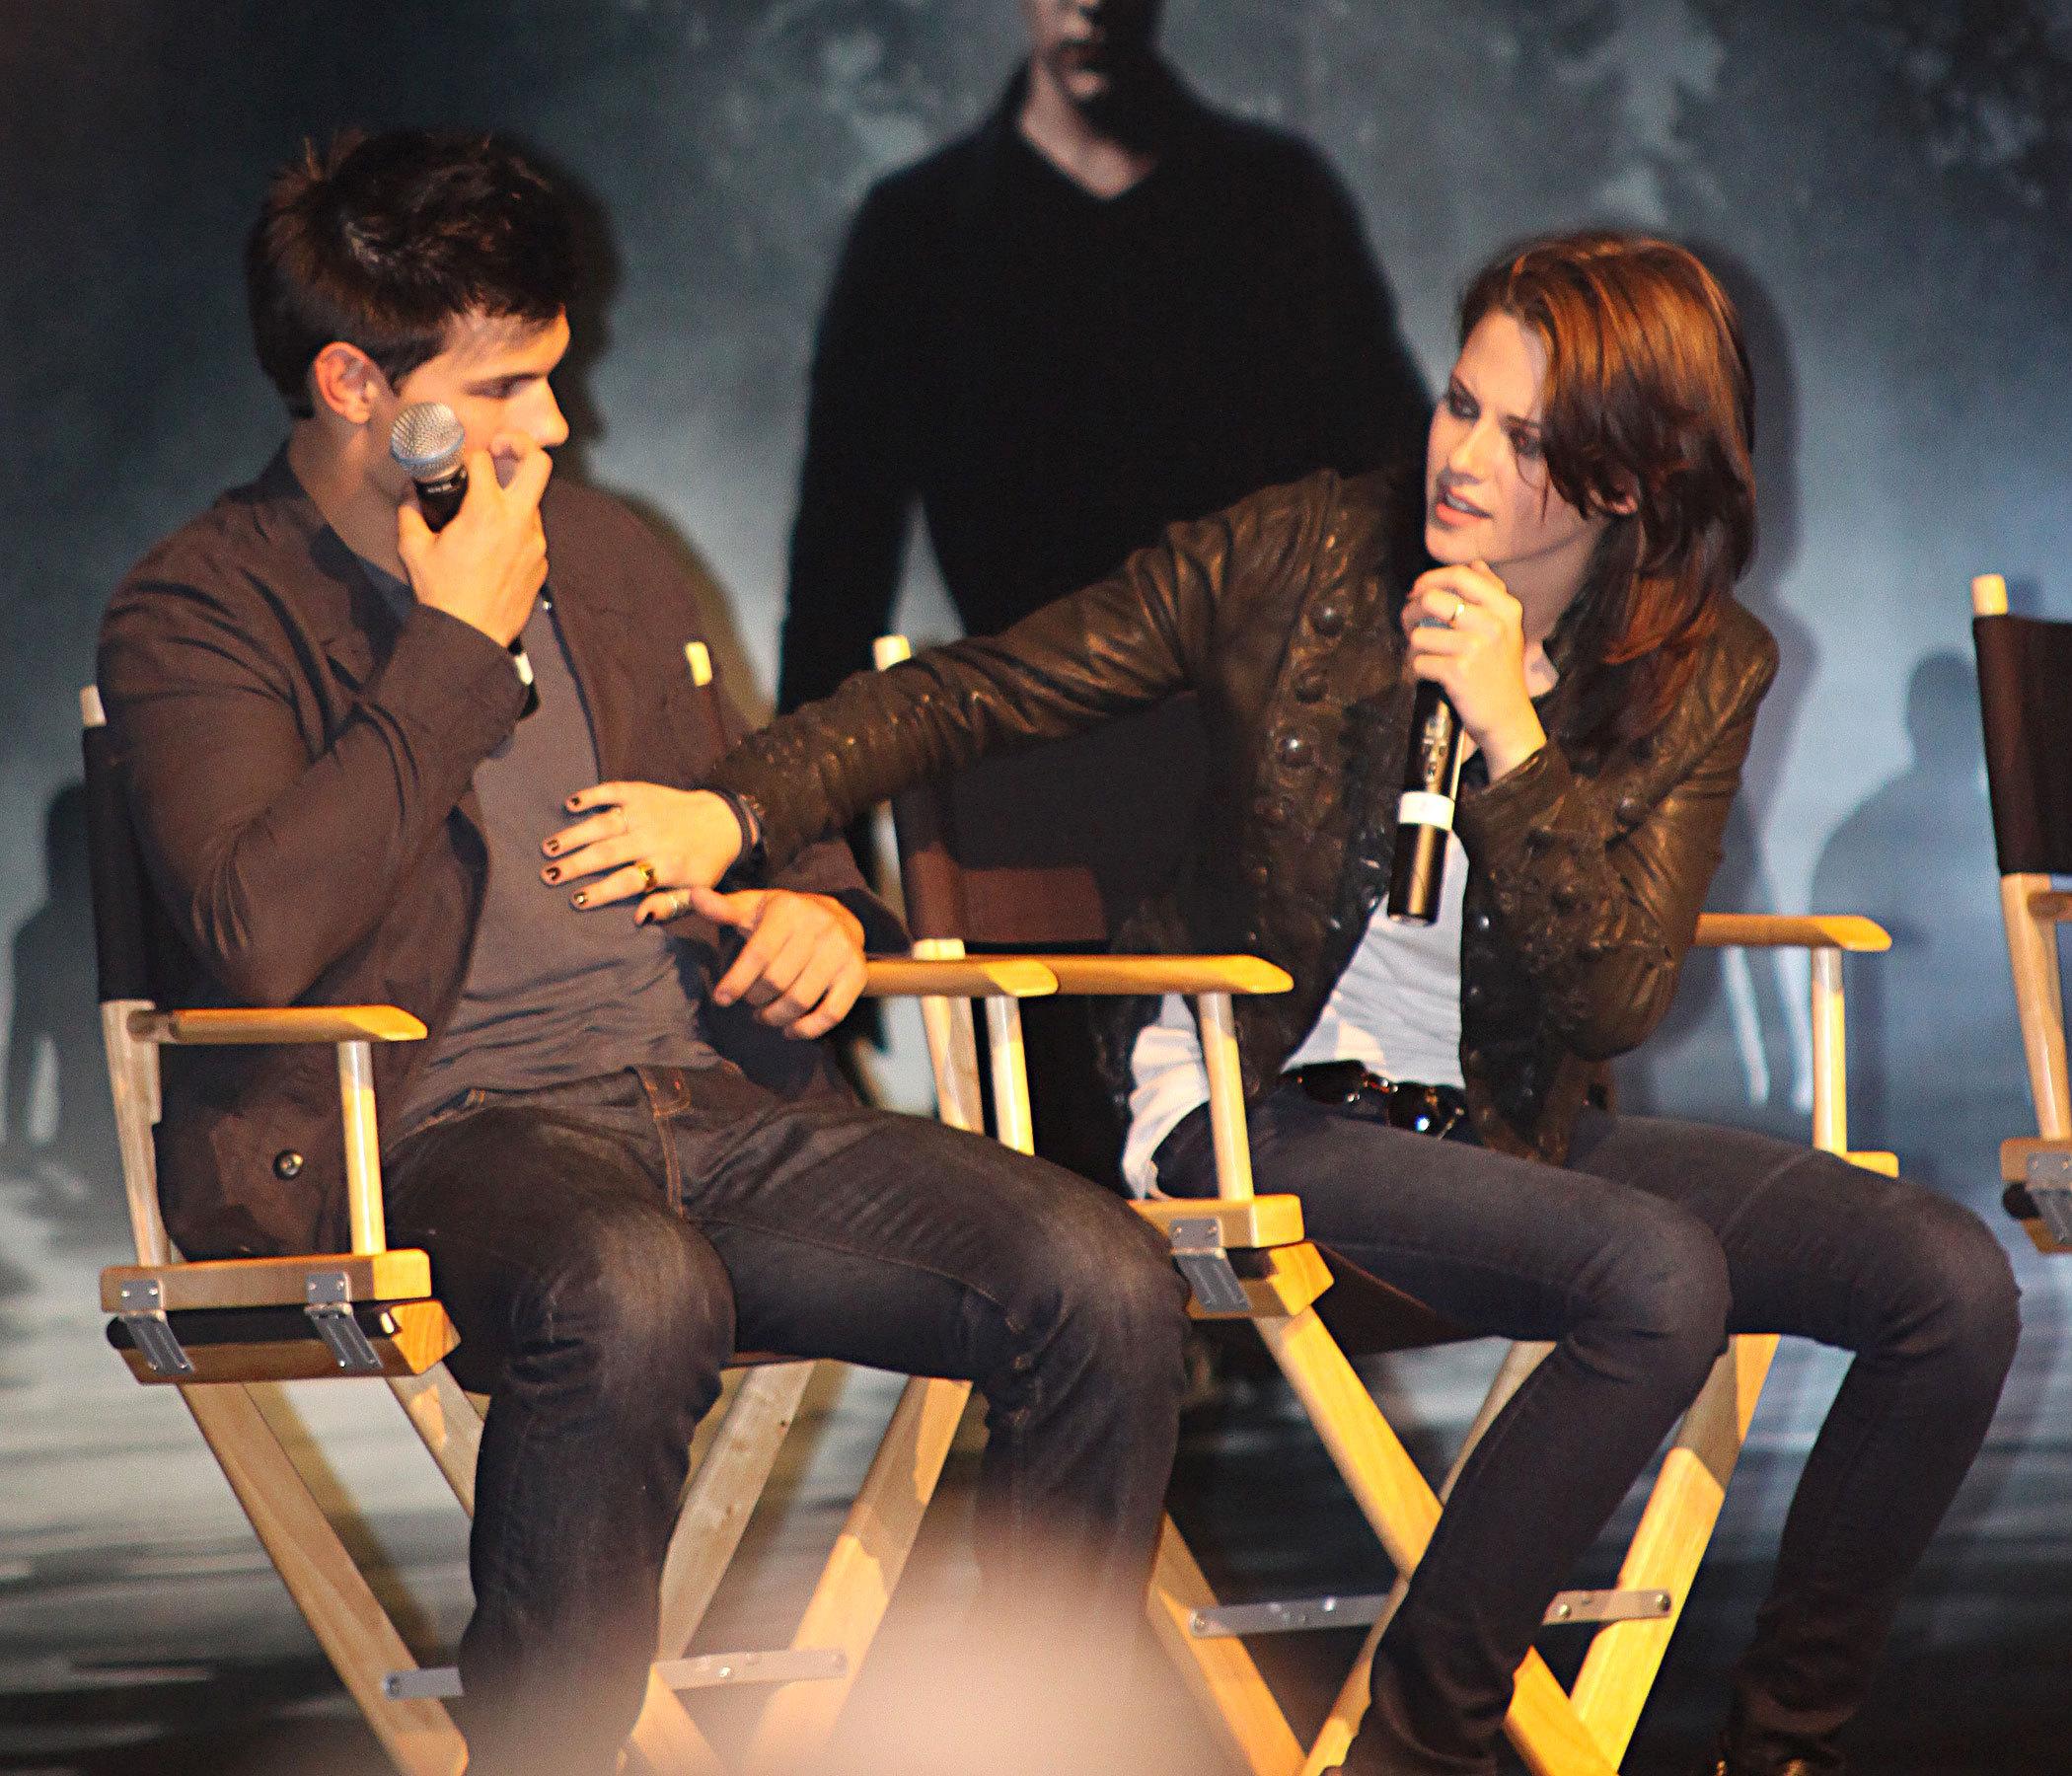 Robert Pattinson, Kristen Stewart & Taylor Lautner Talk 'Eclipse'